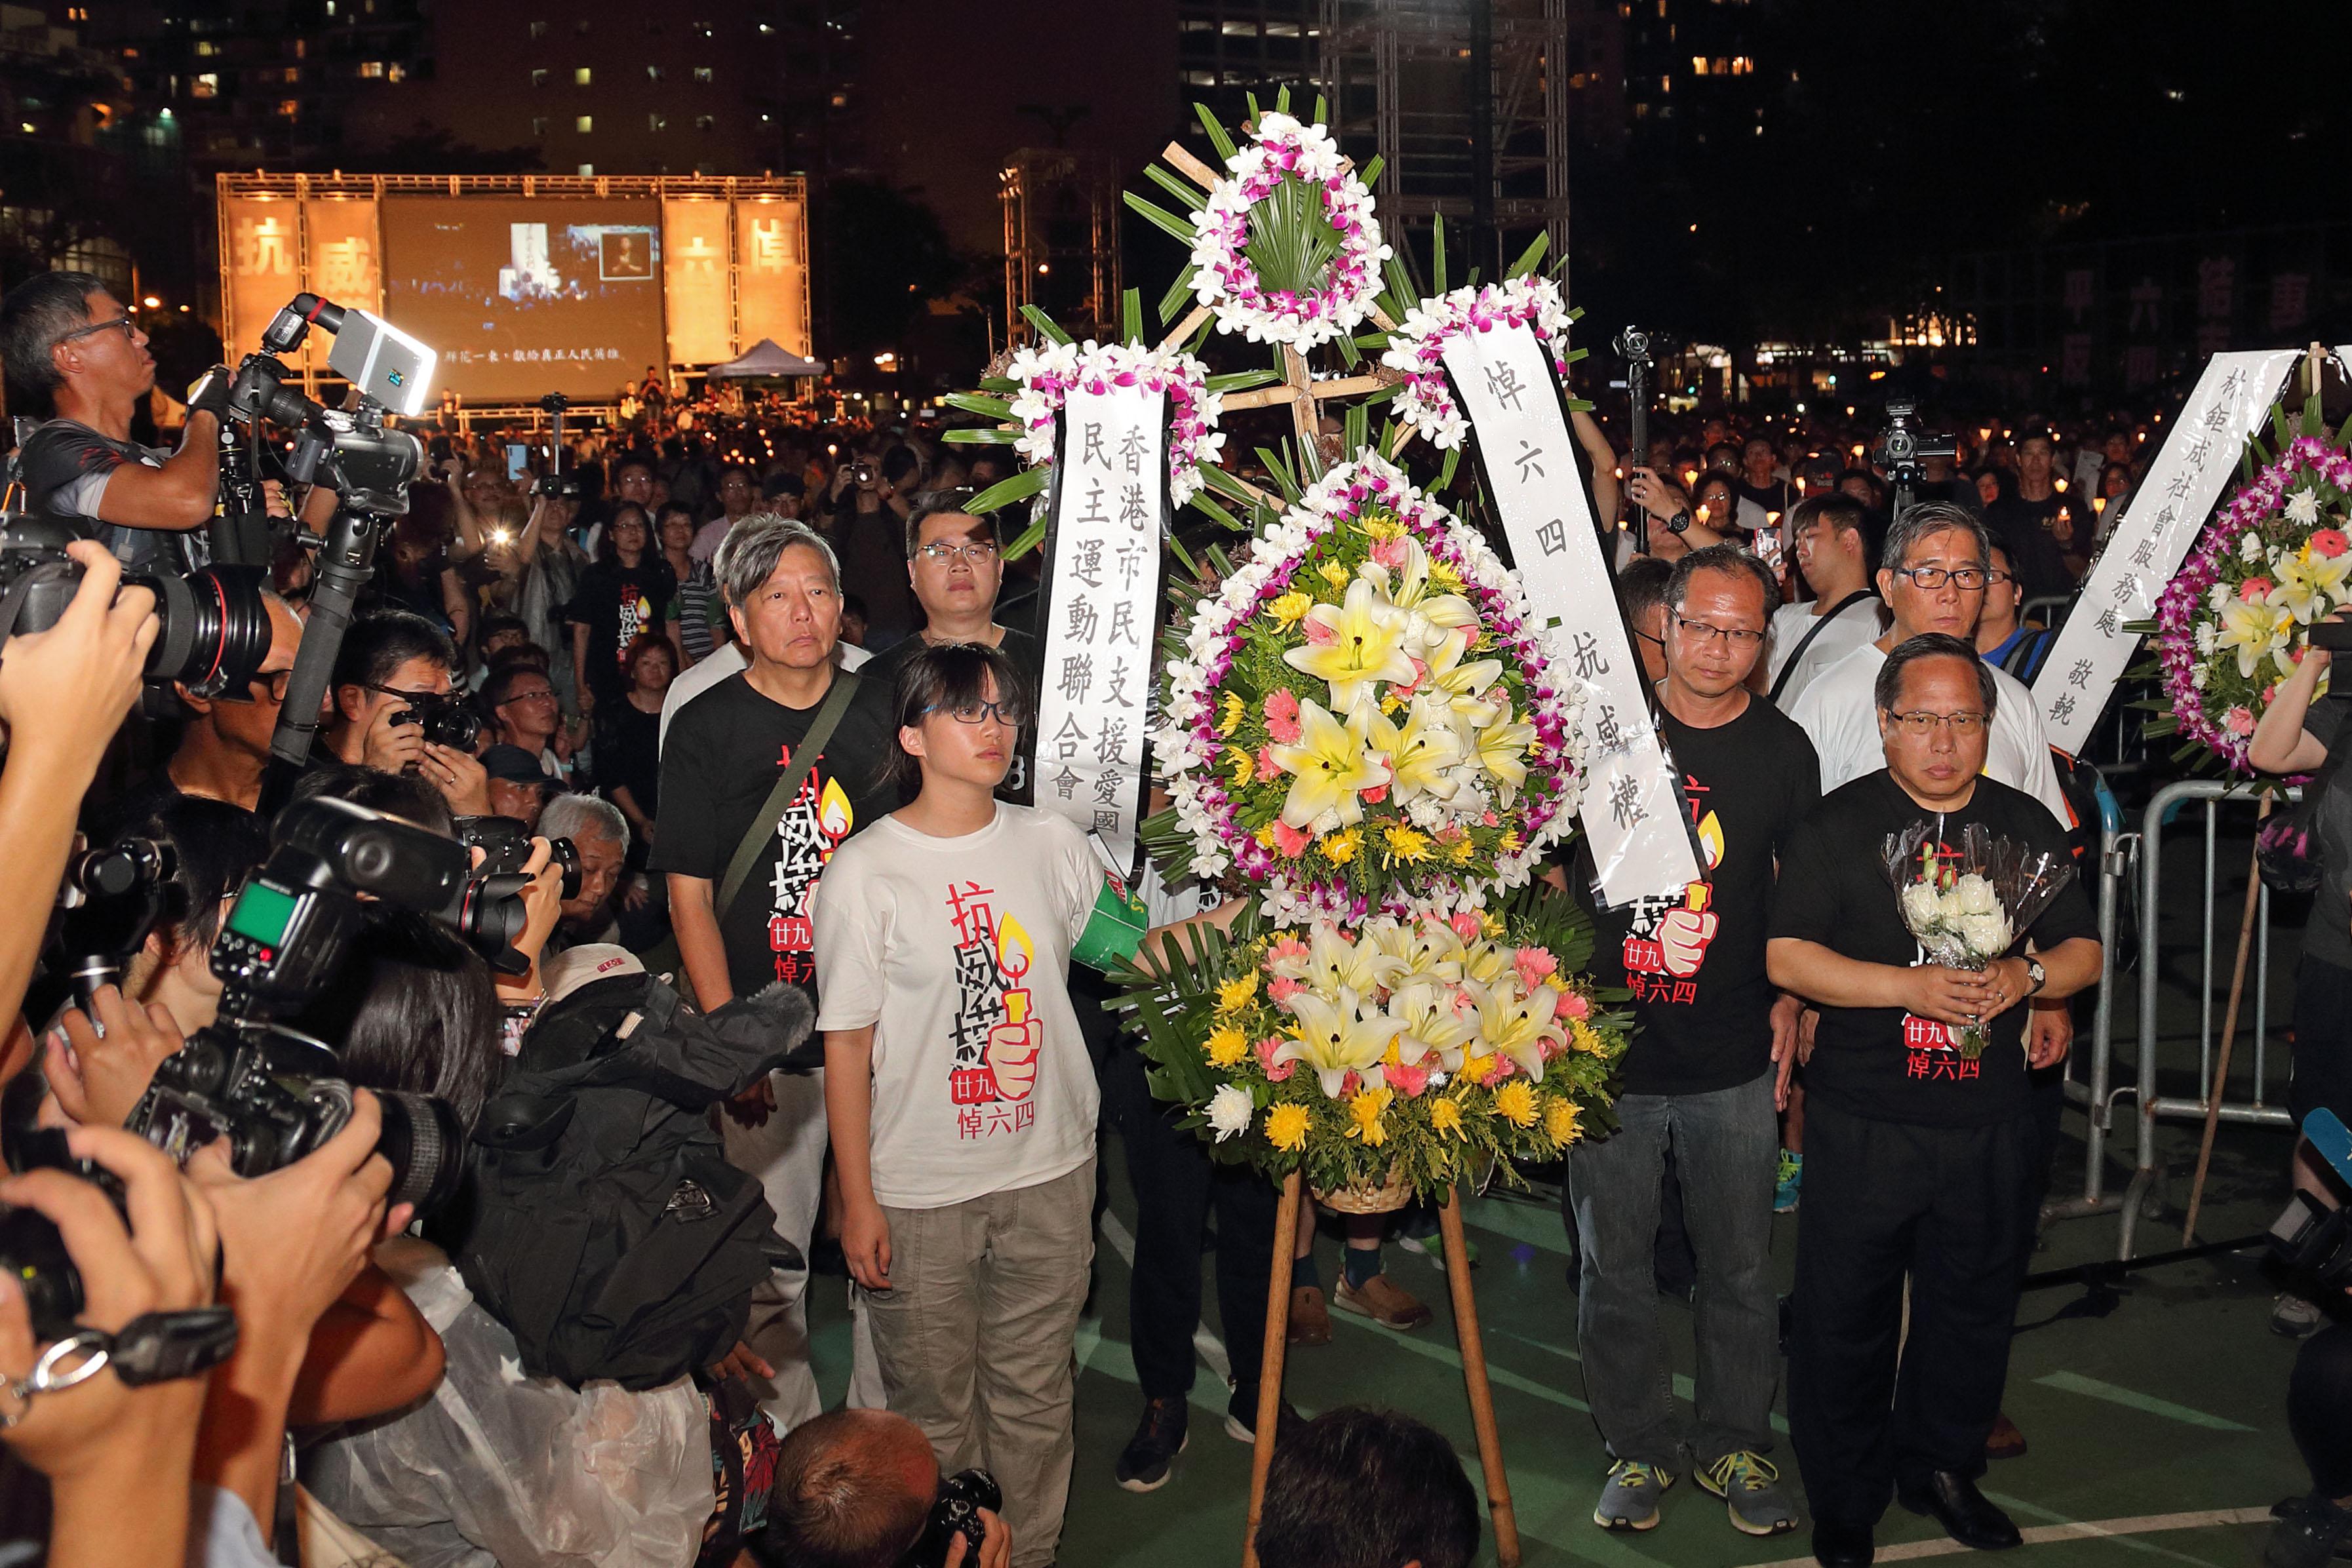 2018年6月4日,香港,支聯會常委與數名年輕人手持花牌向「民主烈士永垂不朽」紀念碑獻花。(李逸/大紀元)